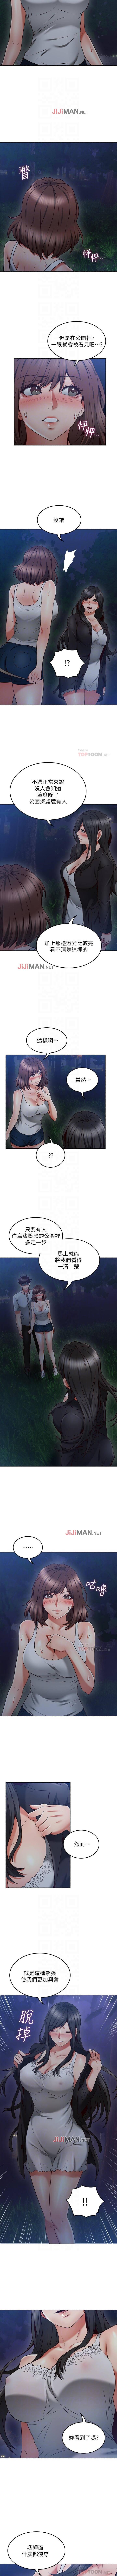 【周六更新】邻居人妻(作者:李周元 & 頸枕) 第1~50话 309